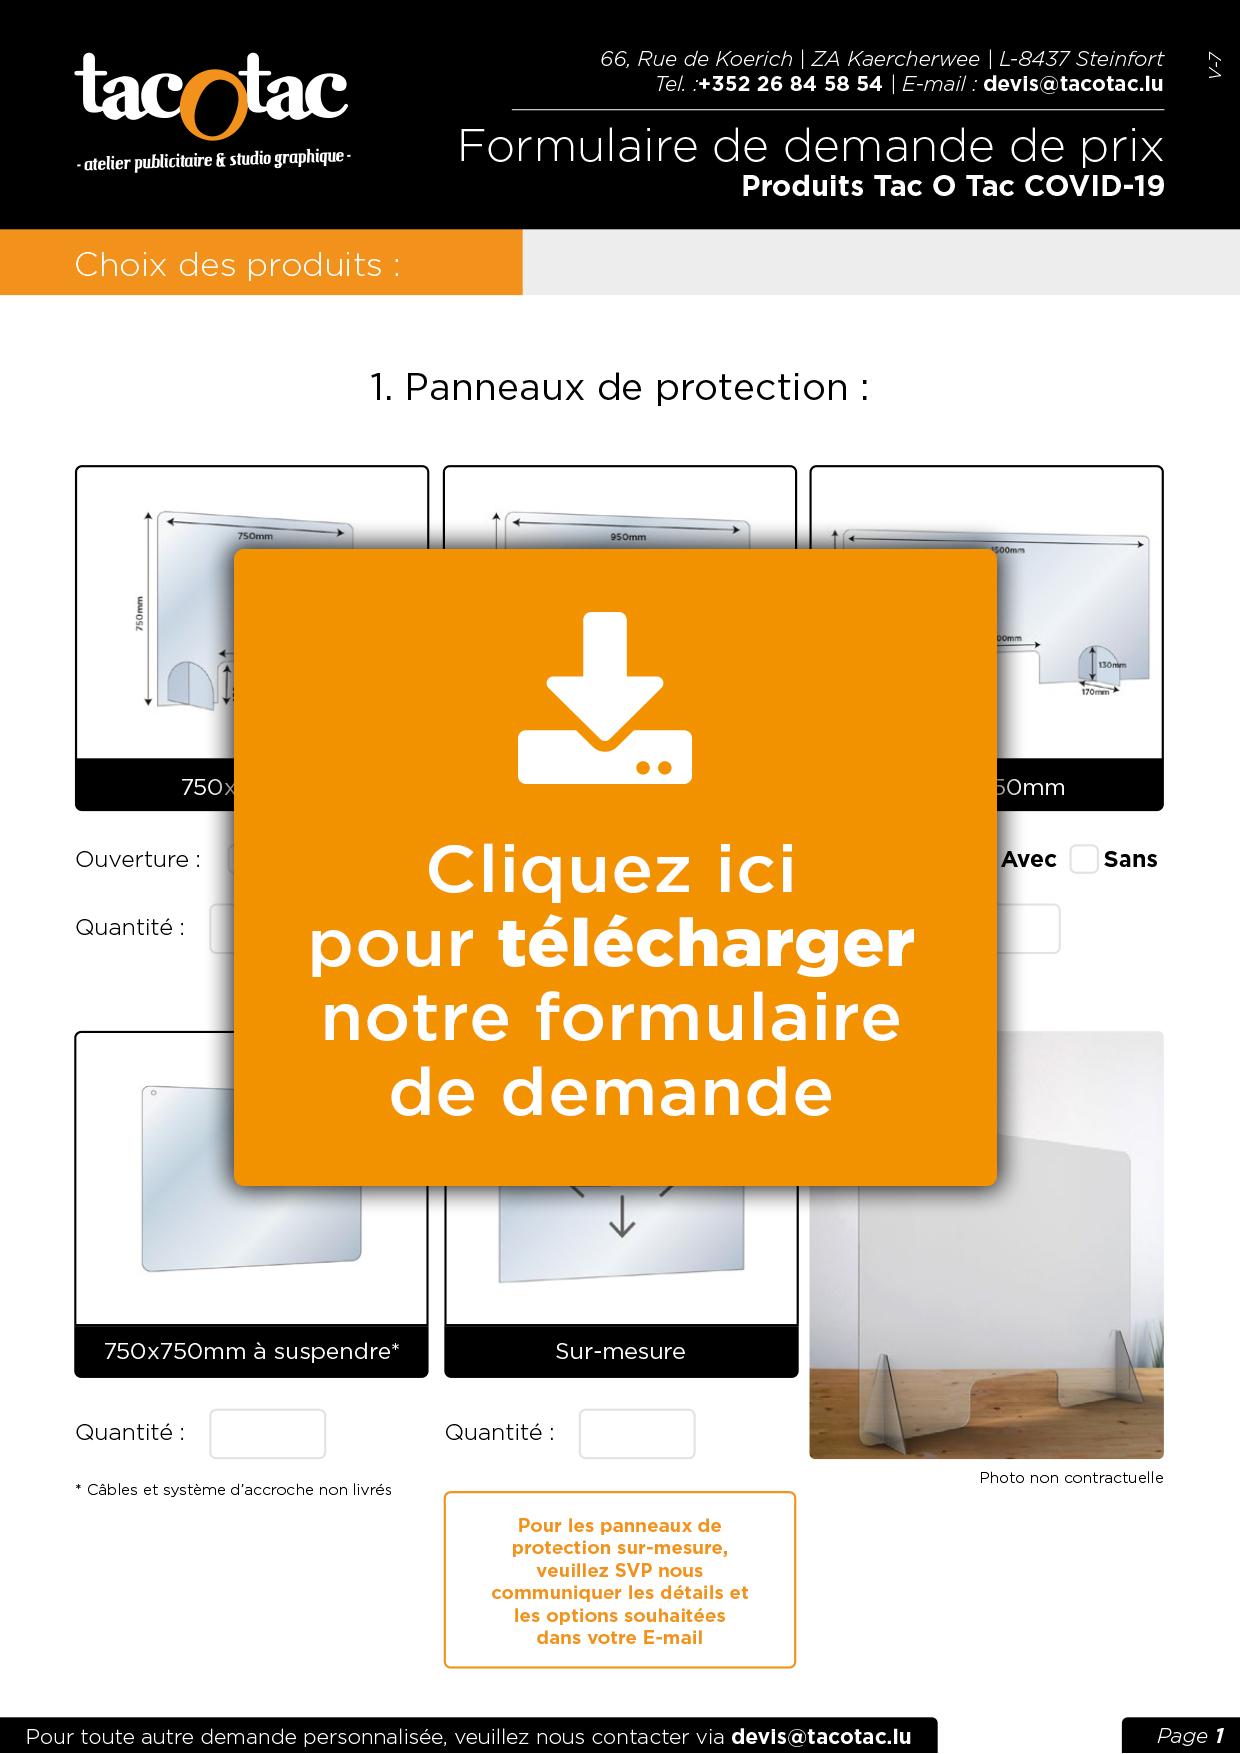 formulaire-download.jpg